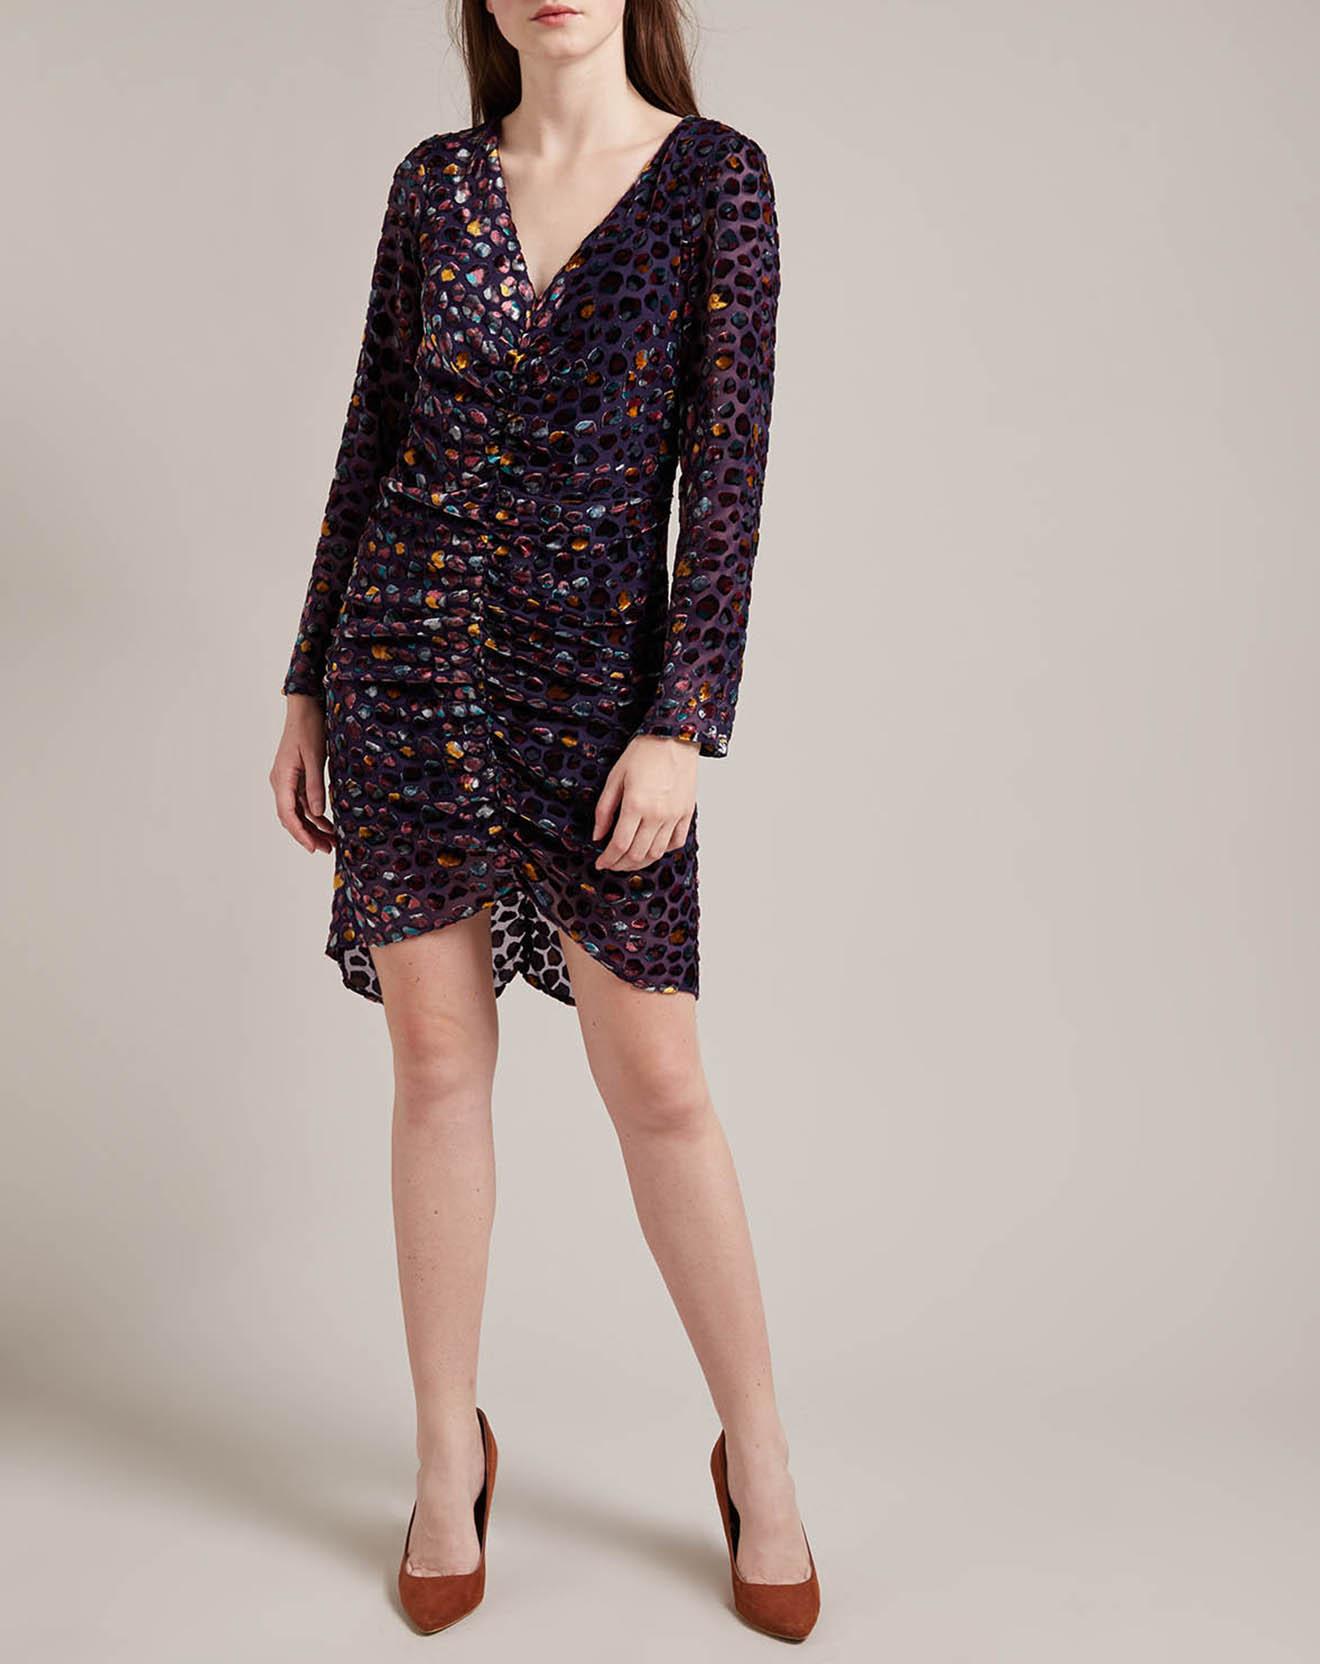 Robe Delicate en velours violette - Derhy - Modalova